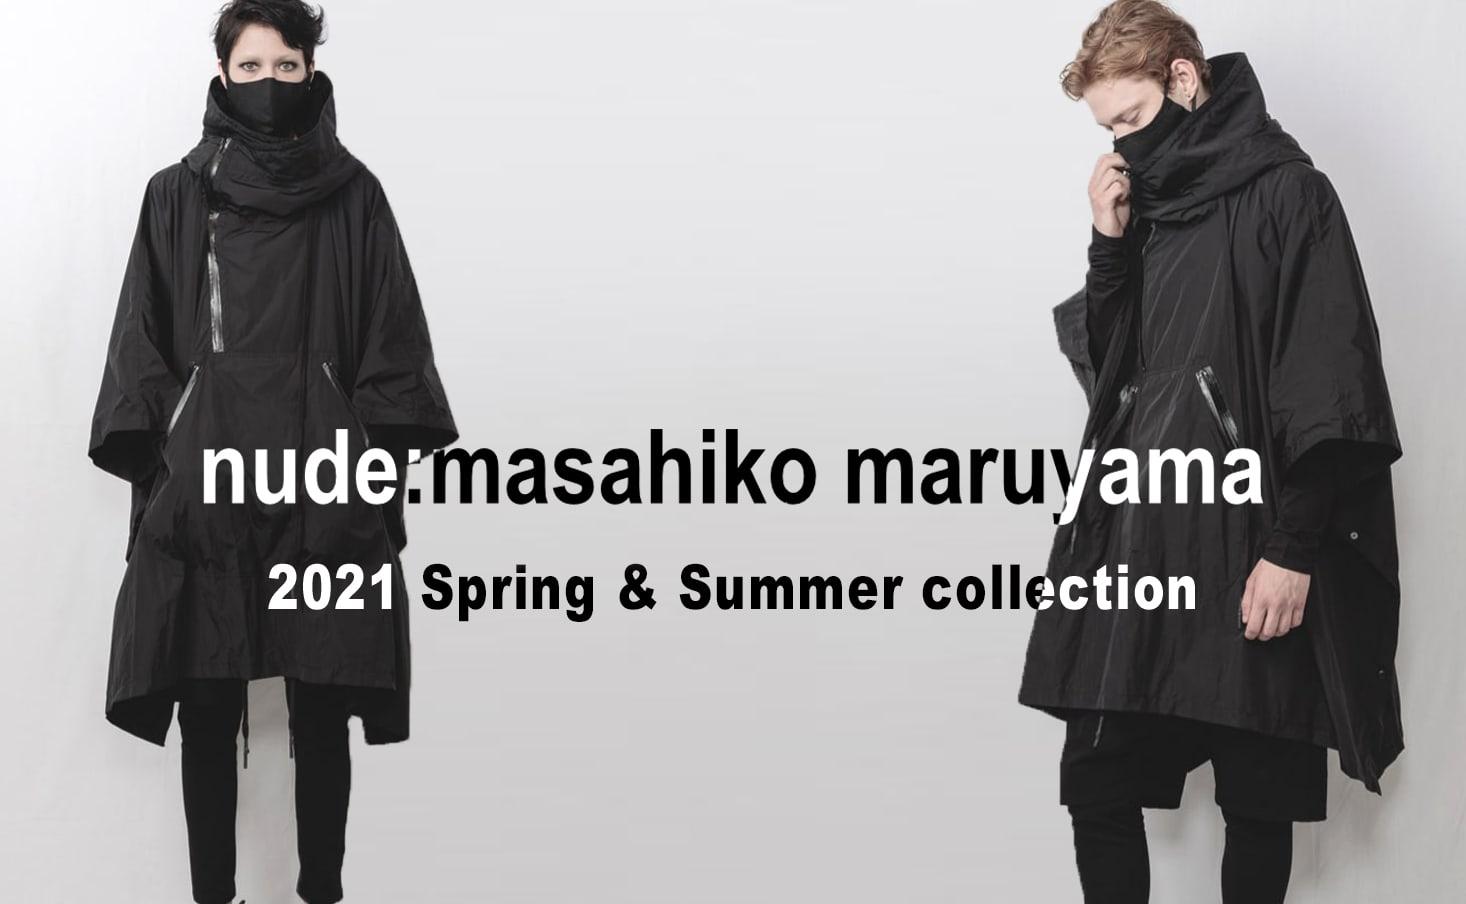 nude:masahiko maruyama